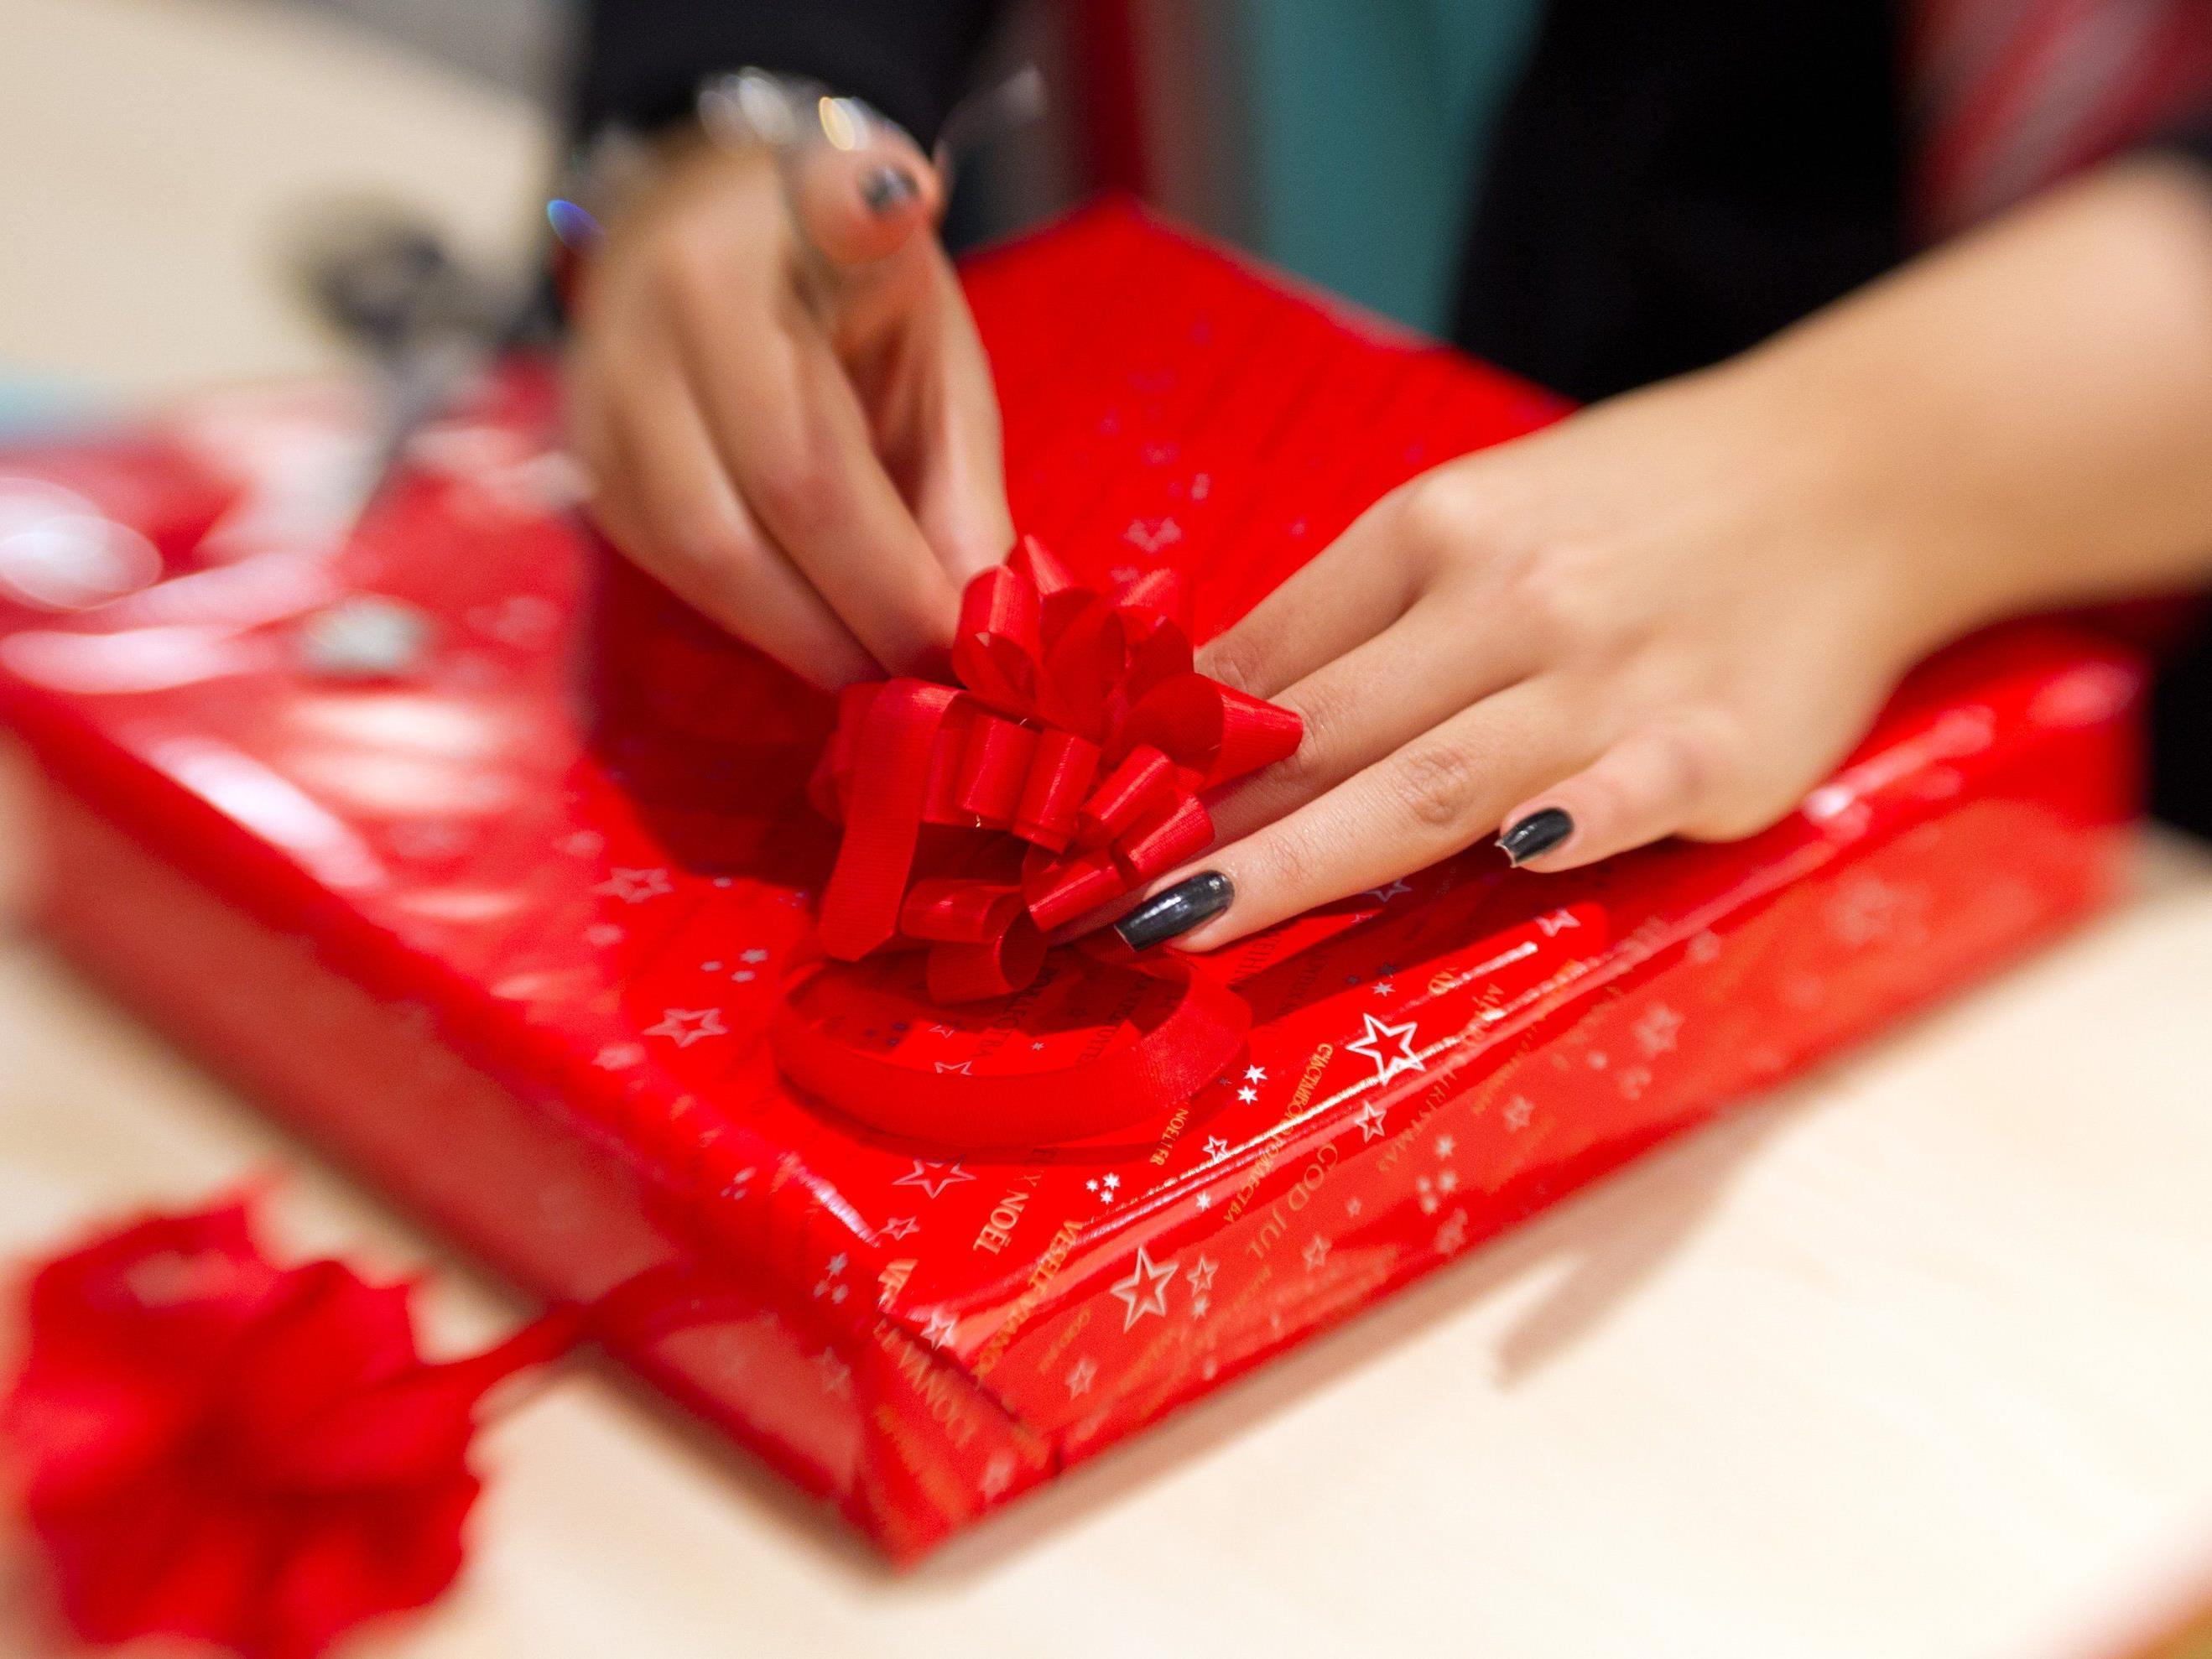 Wichtige Tipps von der Post: So kommen ihre Weihnachtsgeschenke pünktlich an.